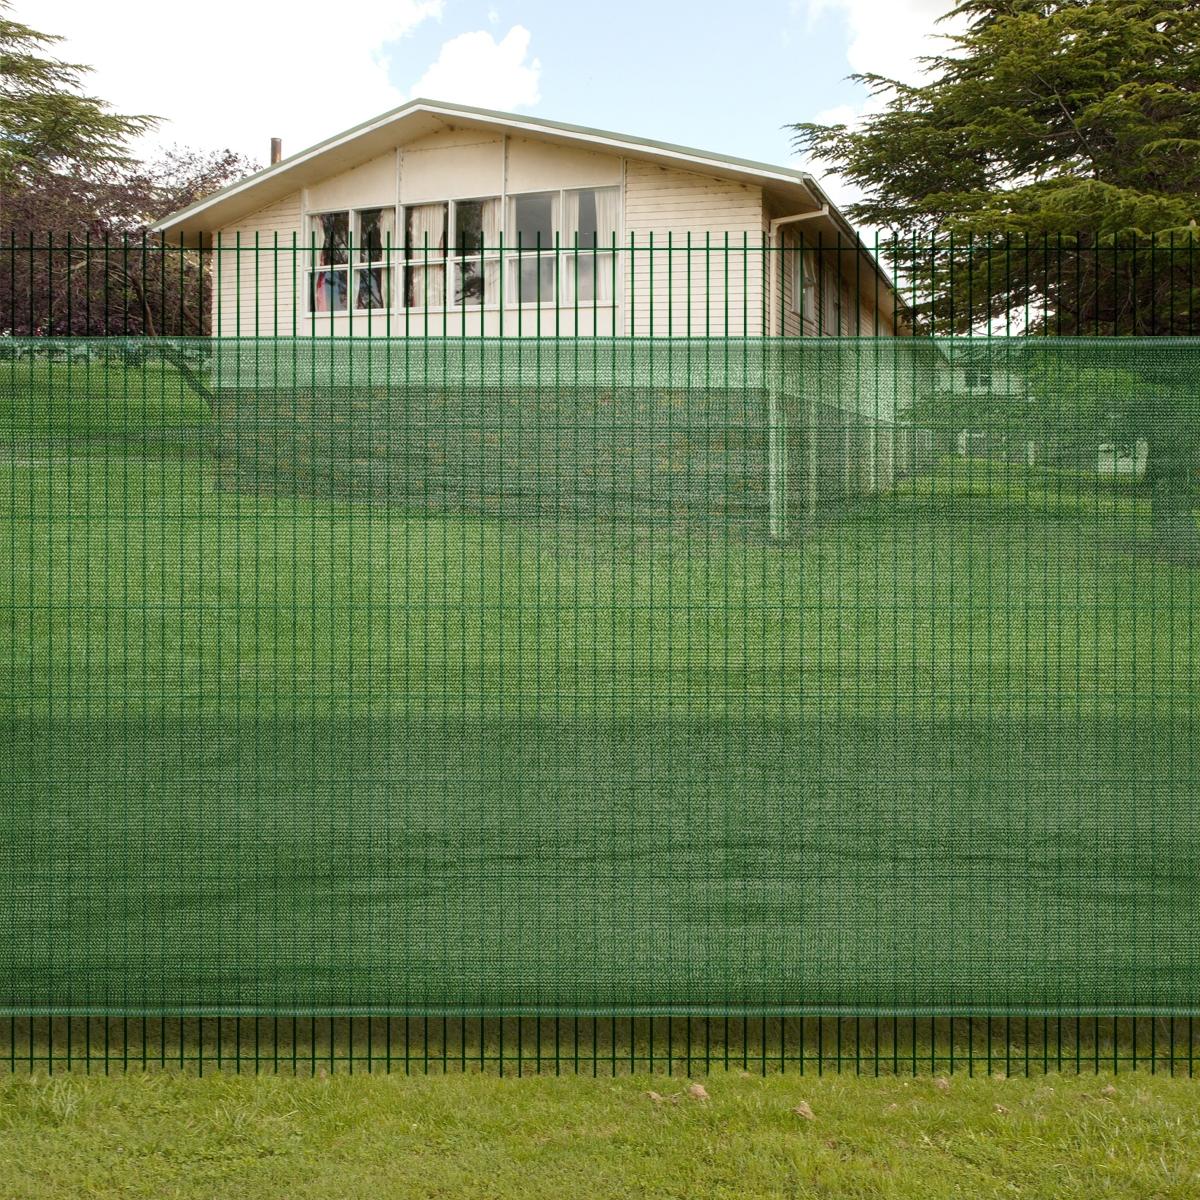 Brise vue pour clôture verte en Polyéthylène brise vue